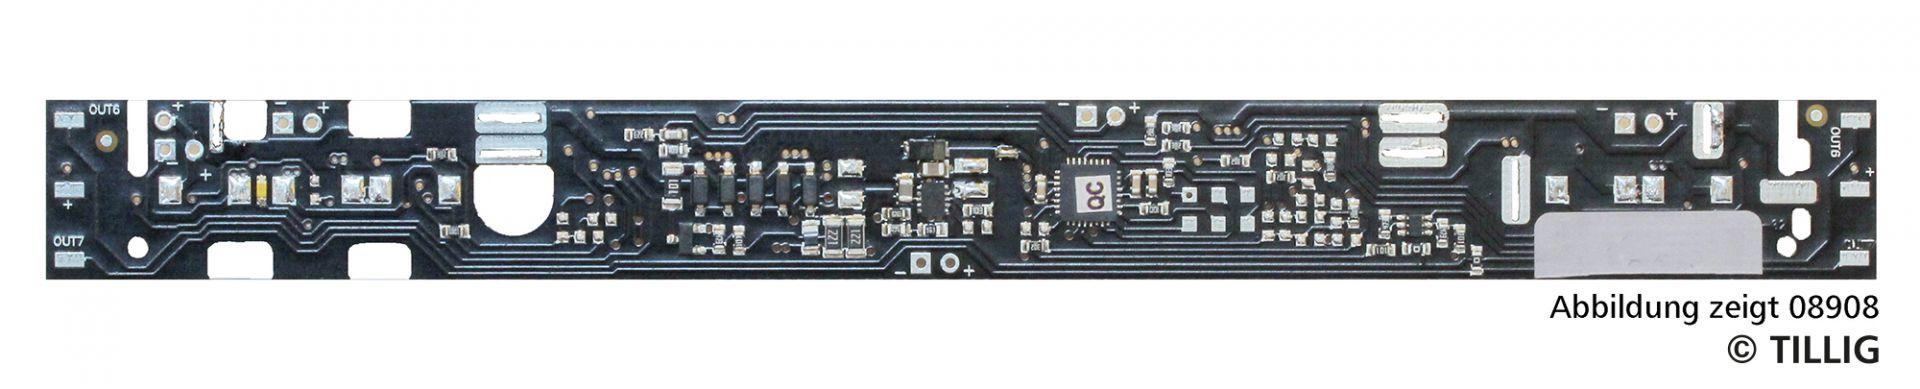 TT LED-Innenbeleuchtung analog / digital Bausatz für Reisezugwagen 1. Klasse, 1./2. Klasse Typ B, Y,